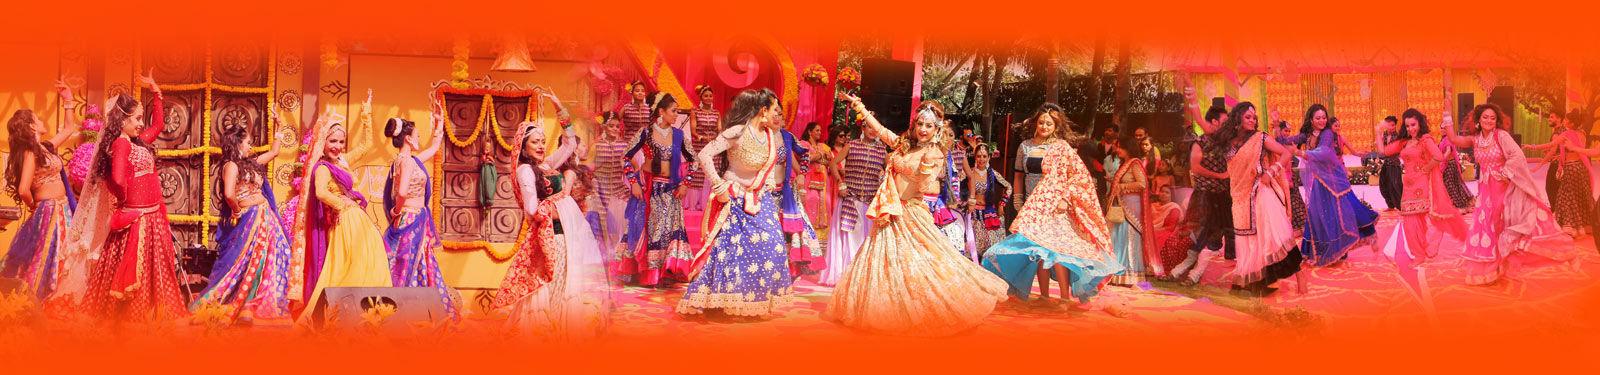 Best Wedding Entertainment Services & Shows in Delhi India DanceSmith